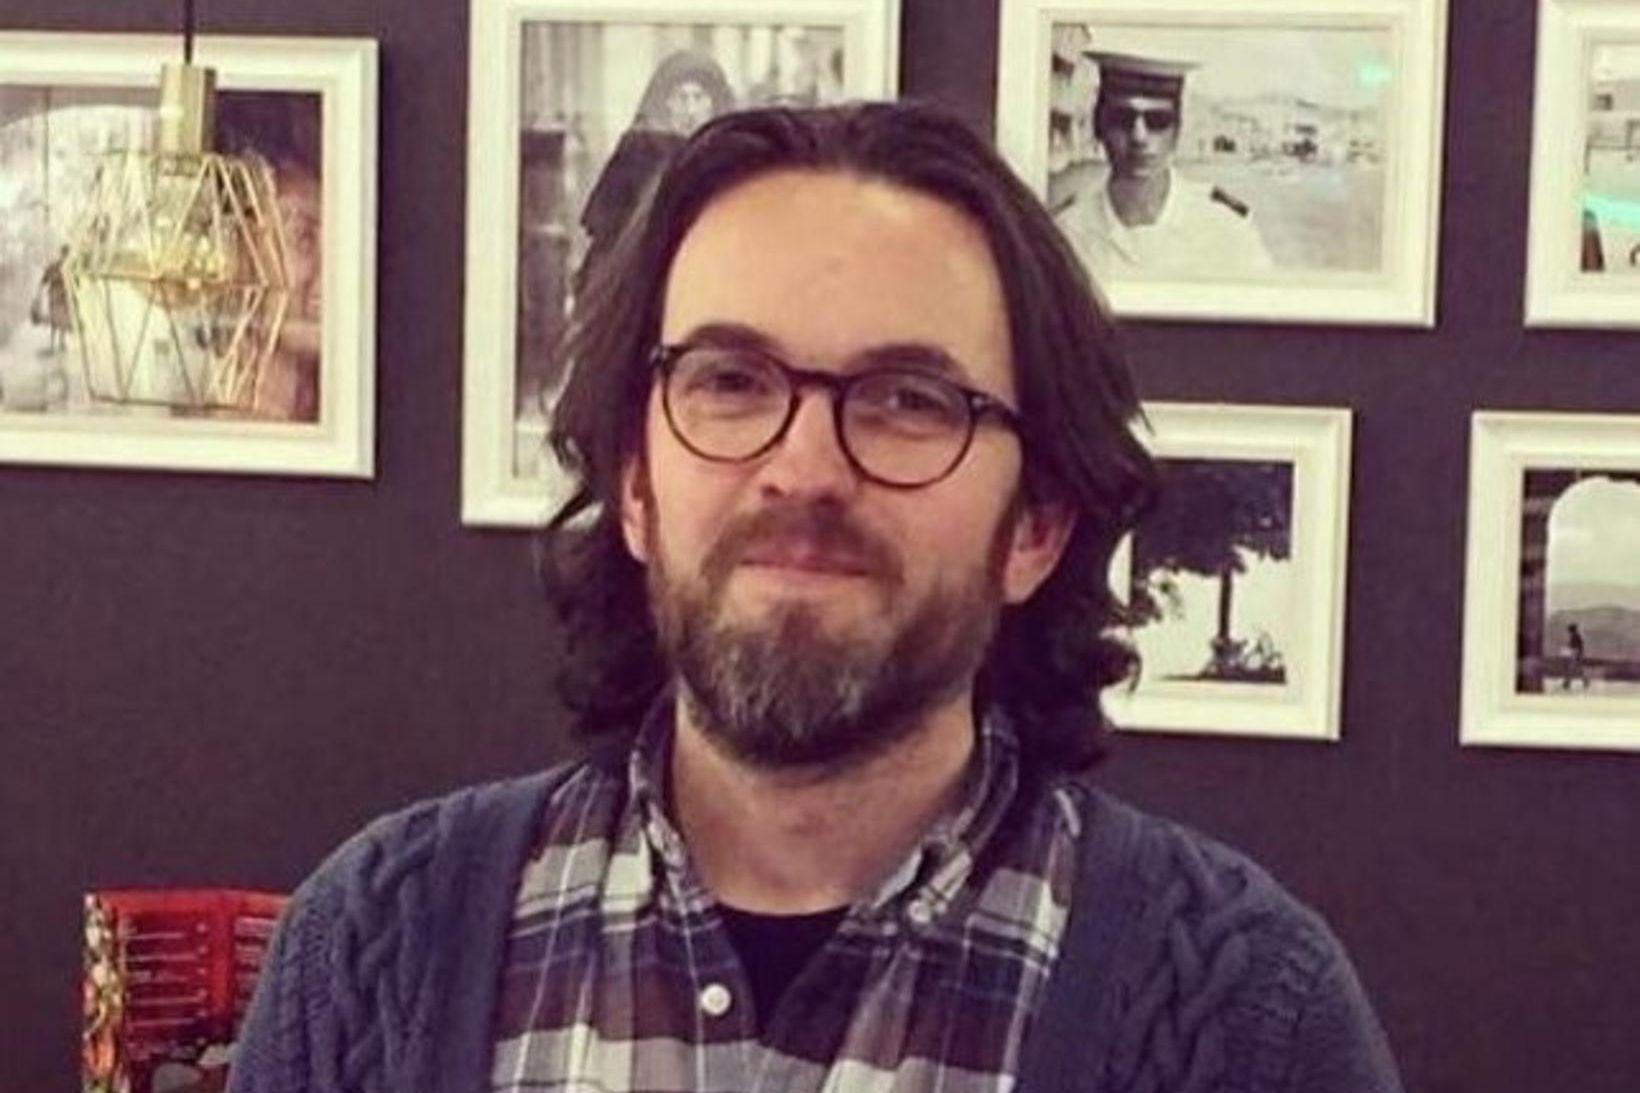 Karl R. Lilliendahl setti upp áhugaverða ljósmyndasýningu á Mokka kaffihúsi …